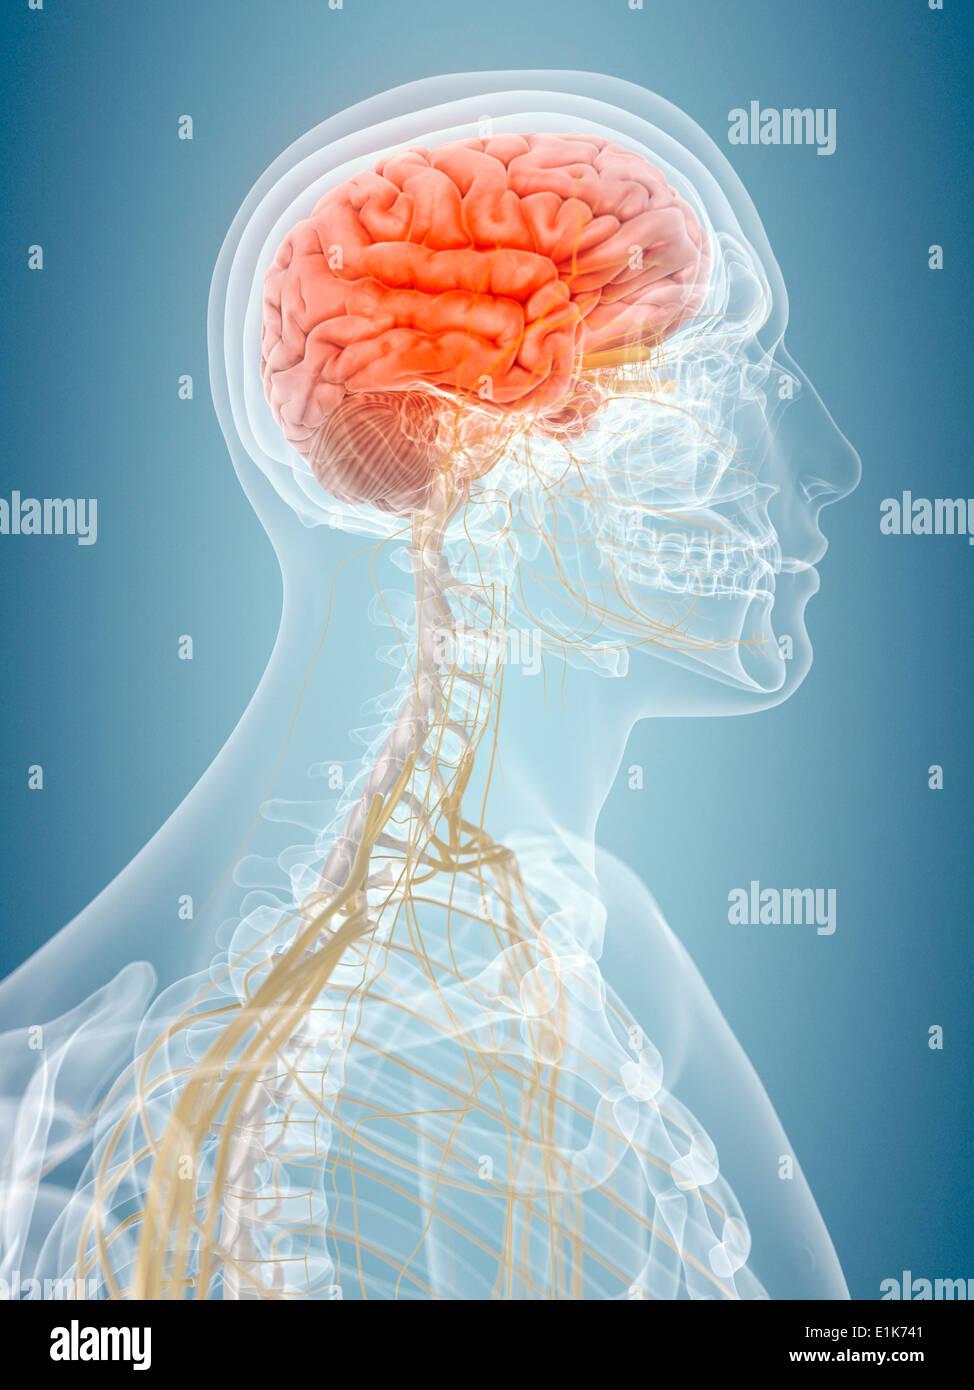 Cerebro Humano equipo ilustraciones. Imagen De Stock